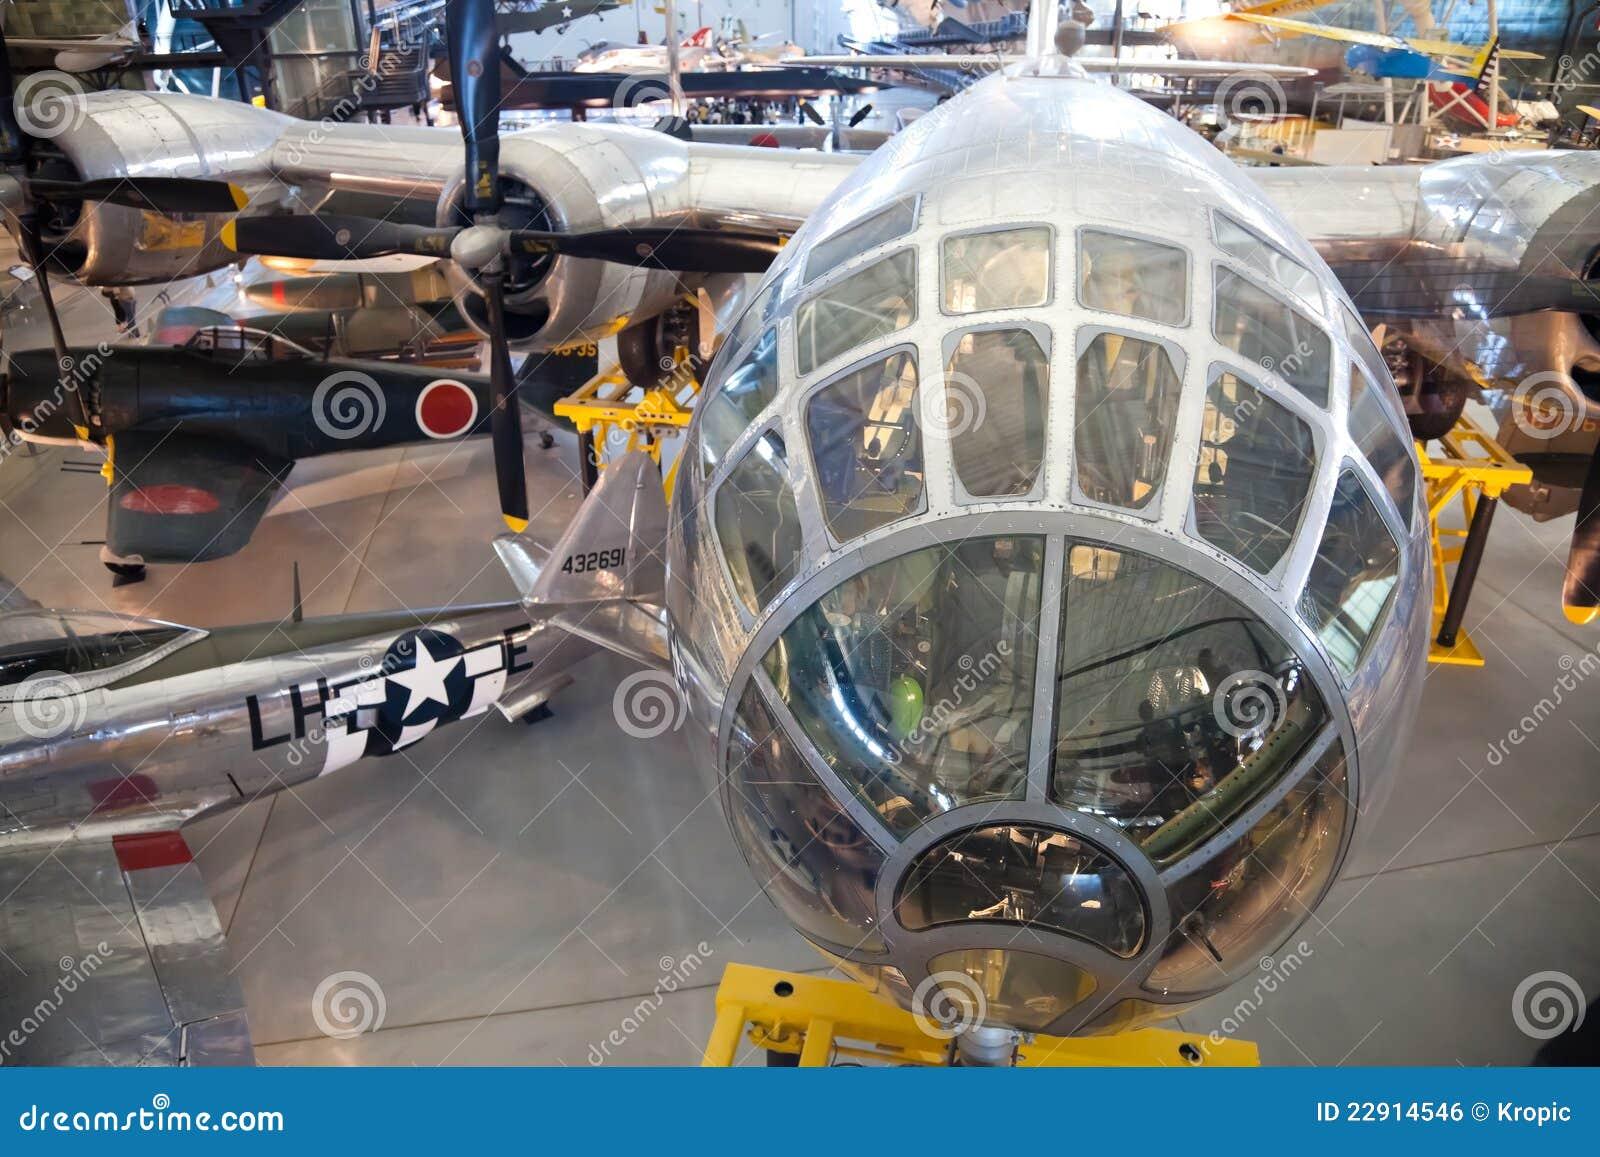 CHANTILLY, VIRGINIA - OCTOBER 10: Boeing B-29